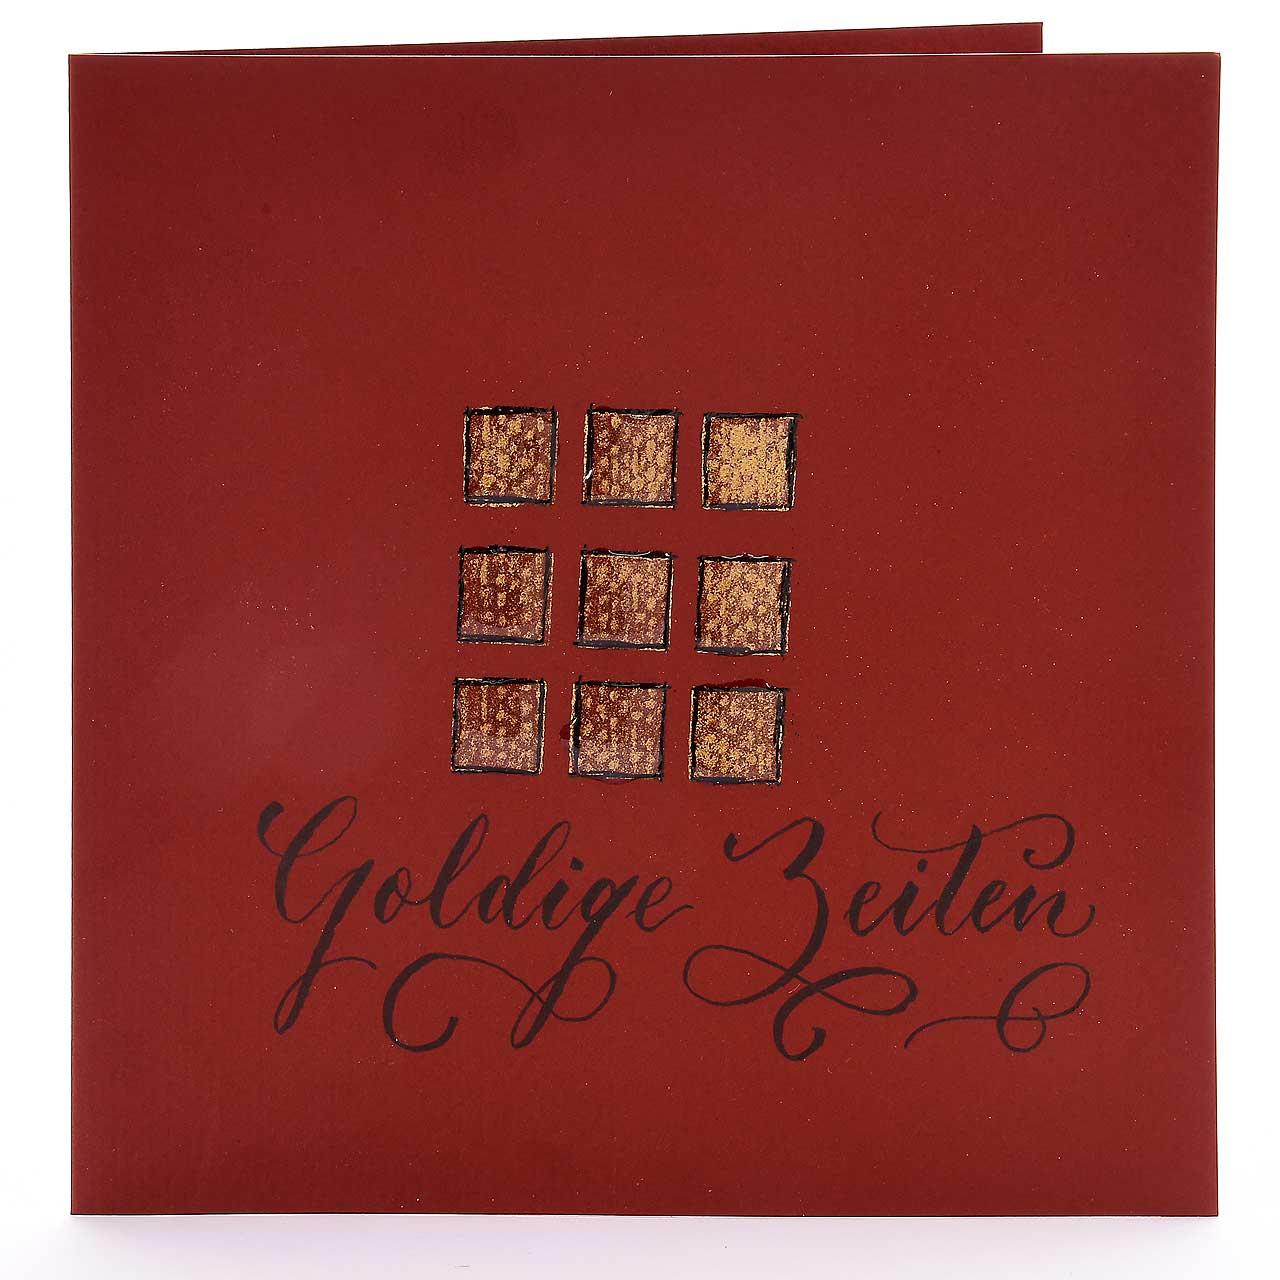 Frohe Weihnachten Sprüche Für Mein Schatz.Rote Braune Karten Ideen Heindesign